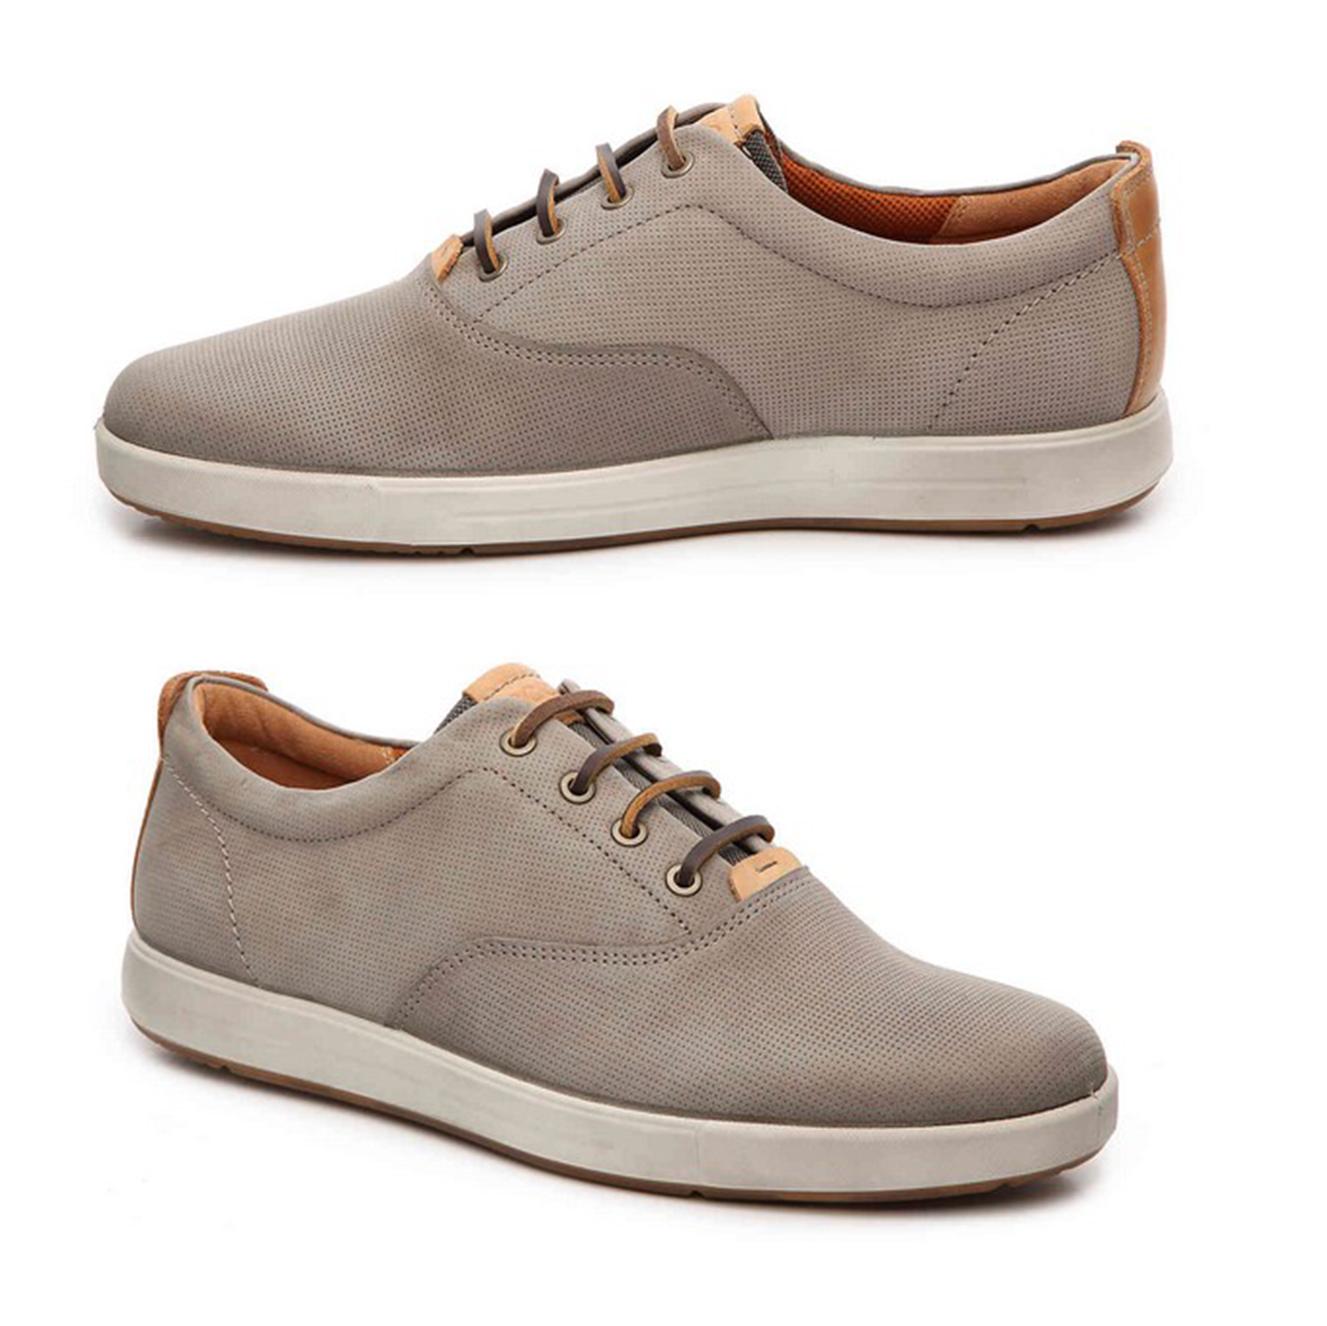 ecco/爱步男鞋运动休闲鞋系鞋带白边透气舒适耐磨 灰色